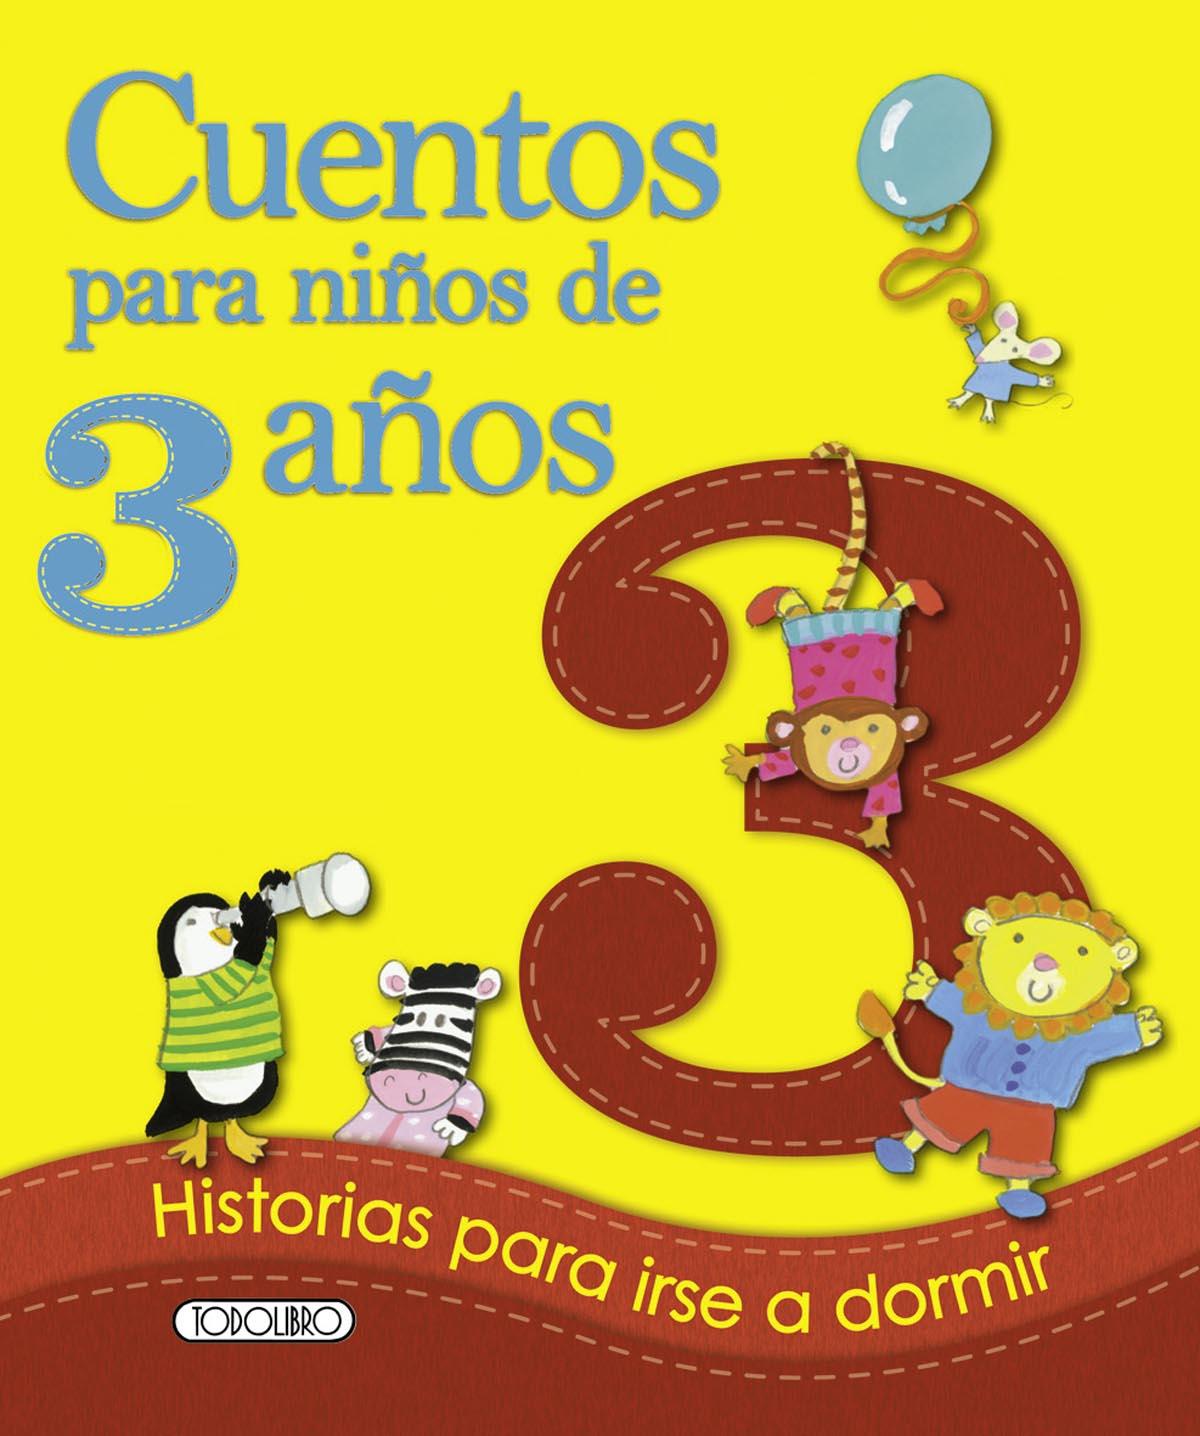 Libro de cuentos y f bulas todolibro castellano todo - Dormitorios infantiles ninos 3 anos ...